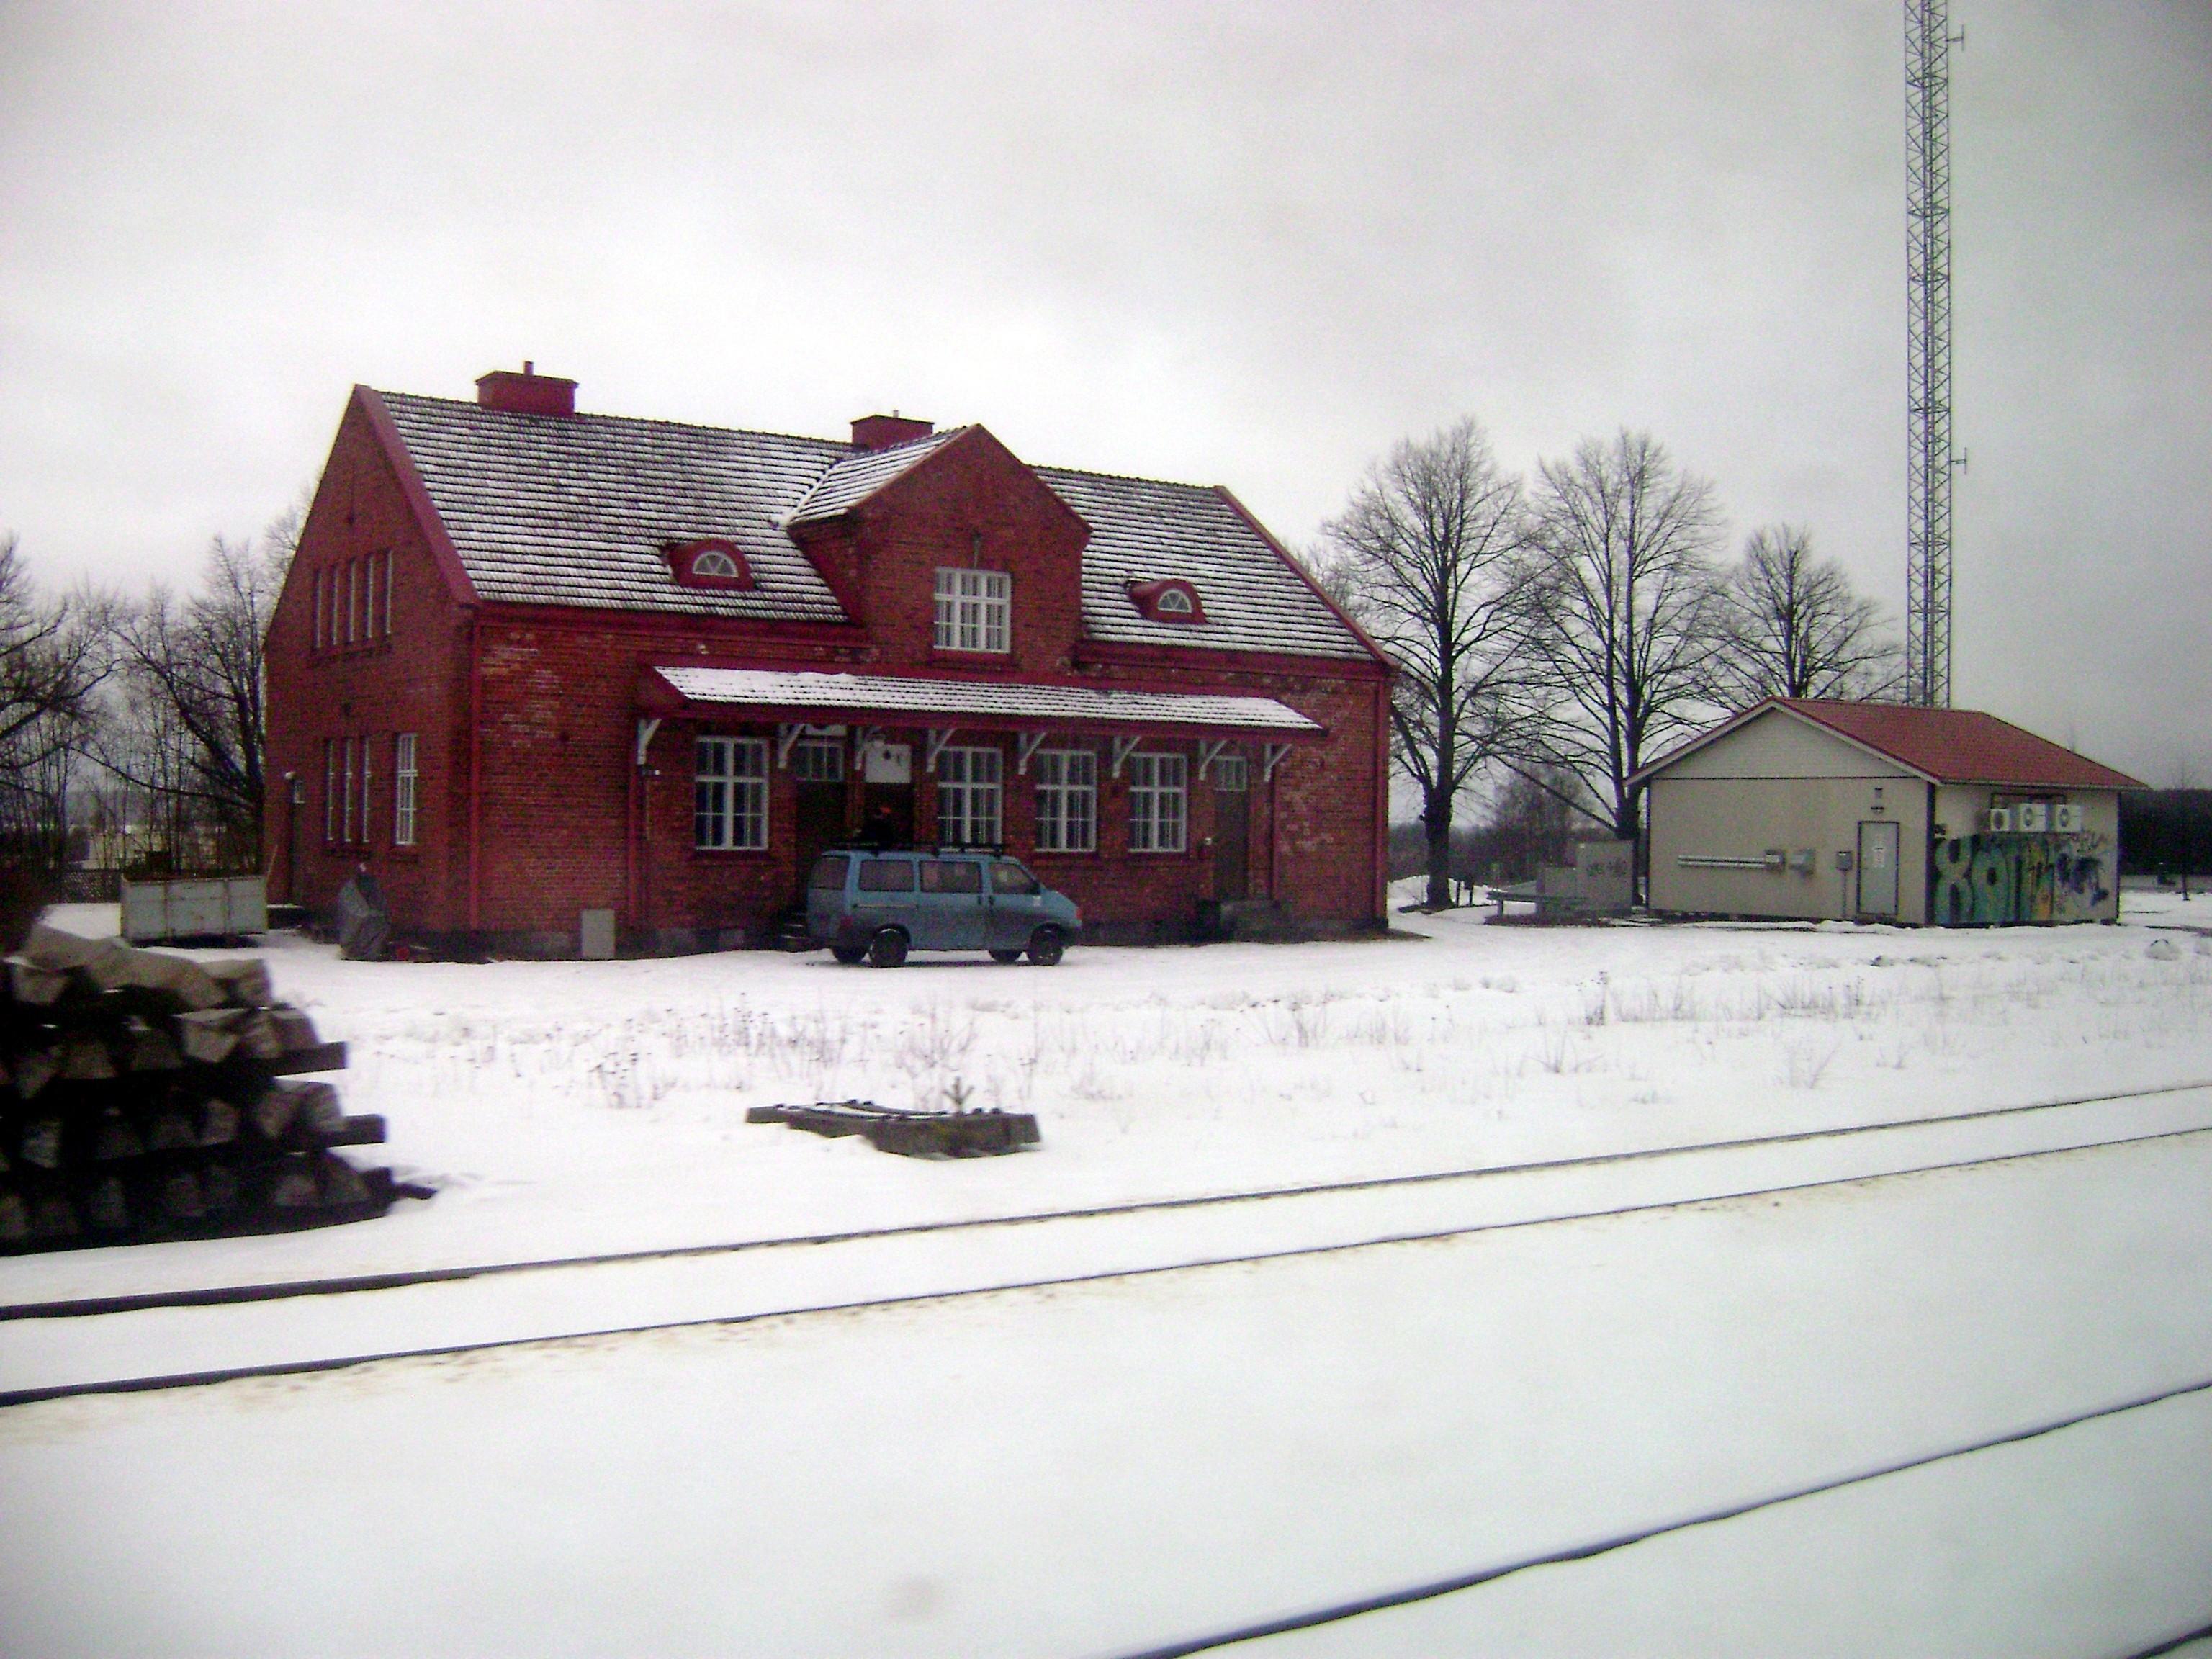 Talvisessa kuvassa on tiilestä rakennettu Lielahden asema junaradan puolelta. Talon edessä on sininen pakettiauto. Vasemmalla on kasa kiskojen alle tulevia pölkkyjä. Kuvassa kiskot menevät edessä poikittain.